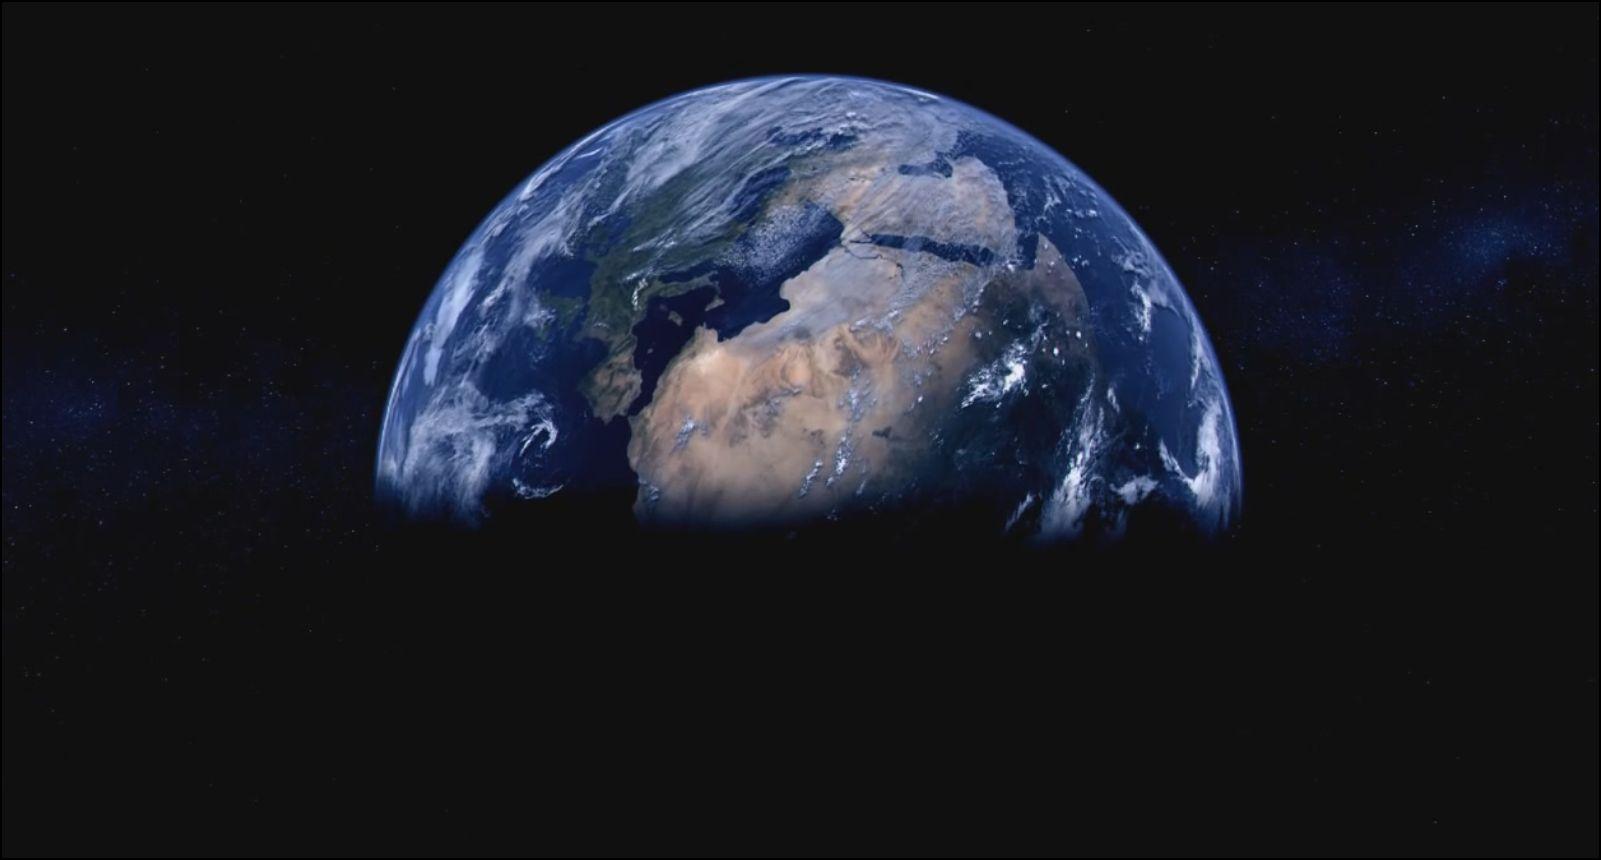 La terre est née il y a 4 milliards d'années